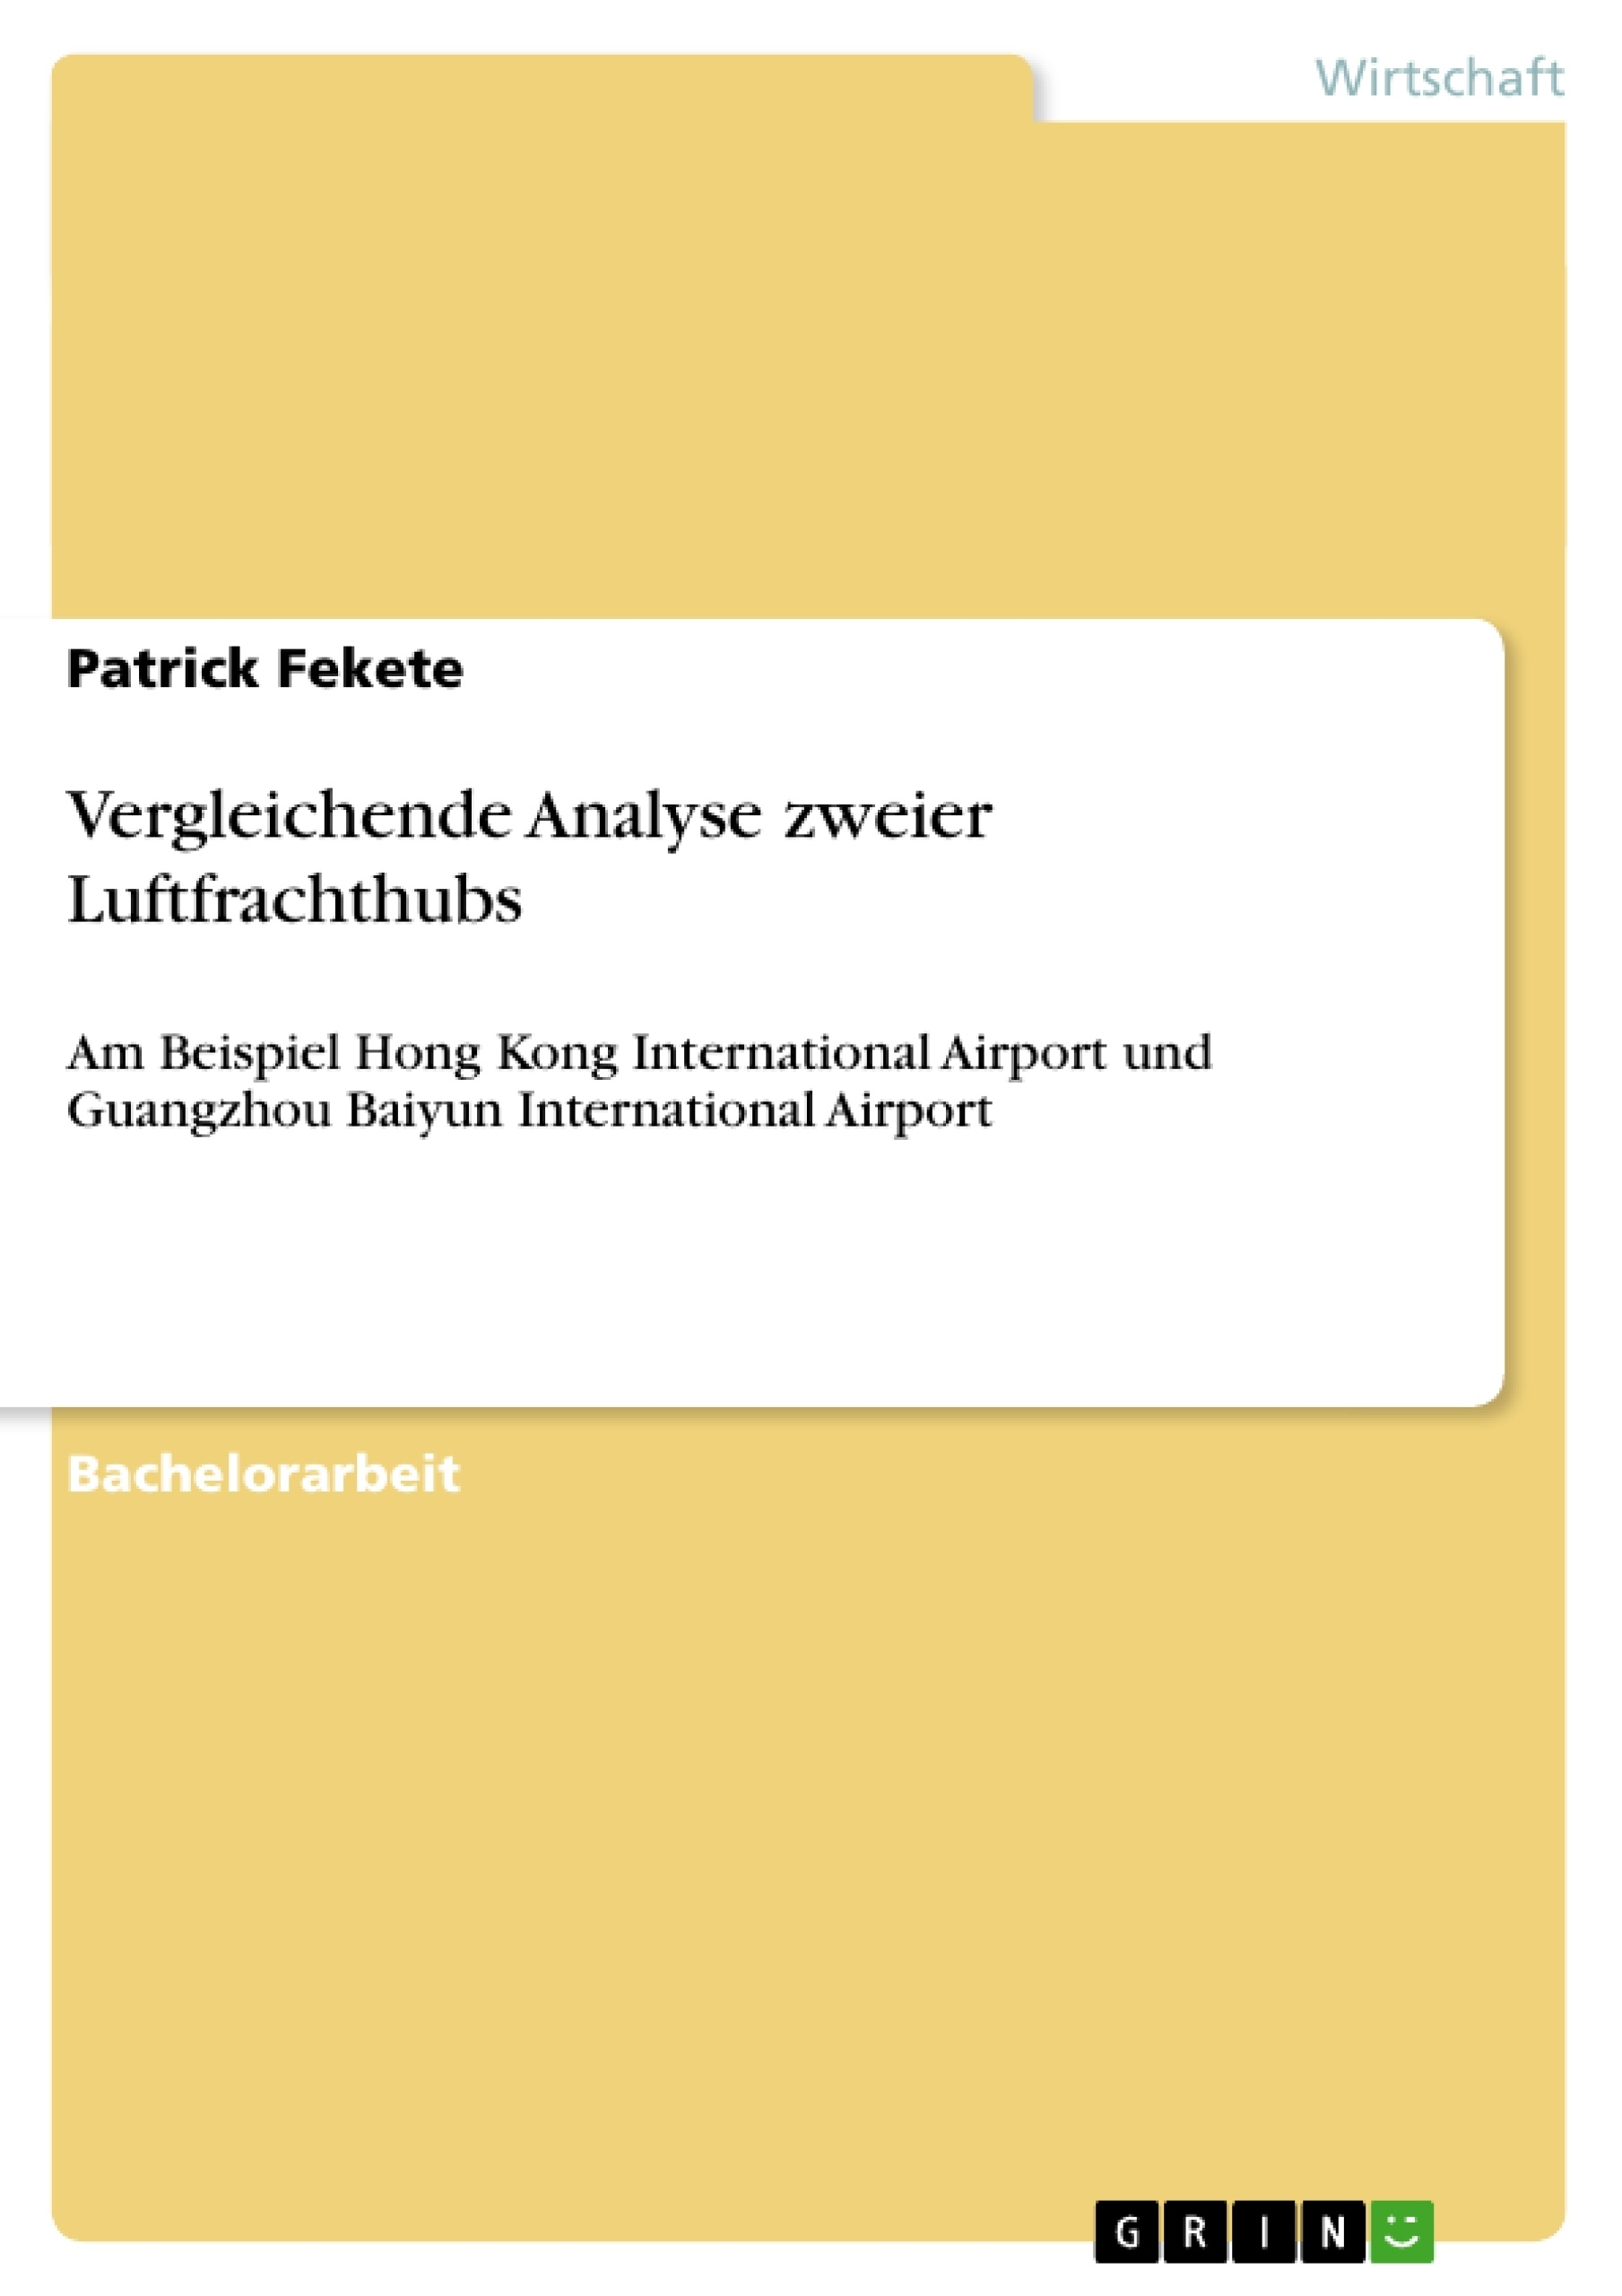 Titel: Vergleichende Analyse zweier Luftfrachthubs